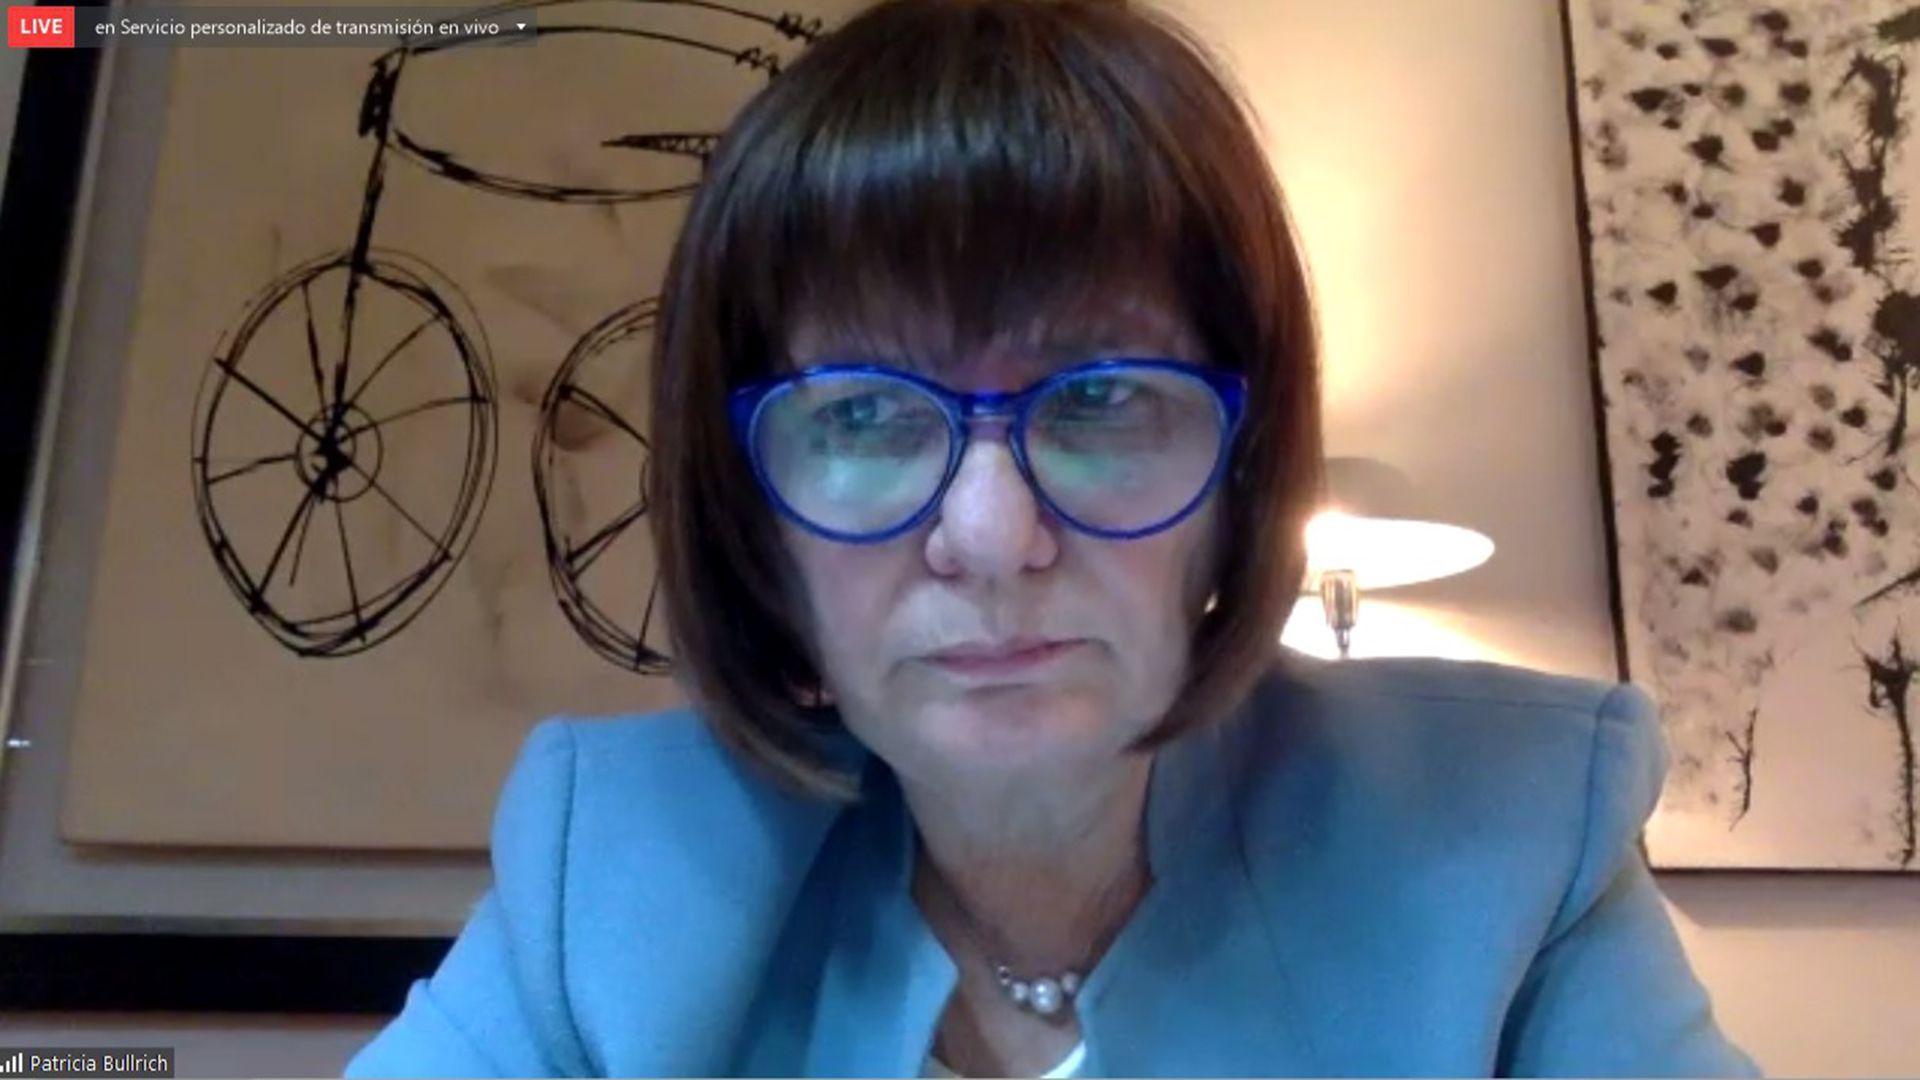 Patricia Bullrich Ernesto Sanz